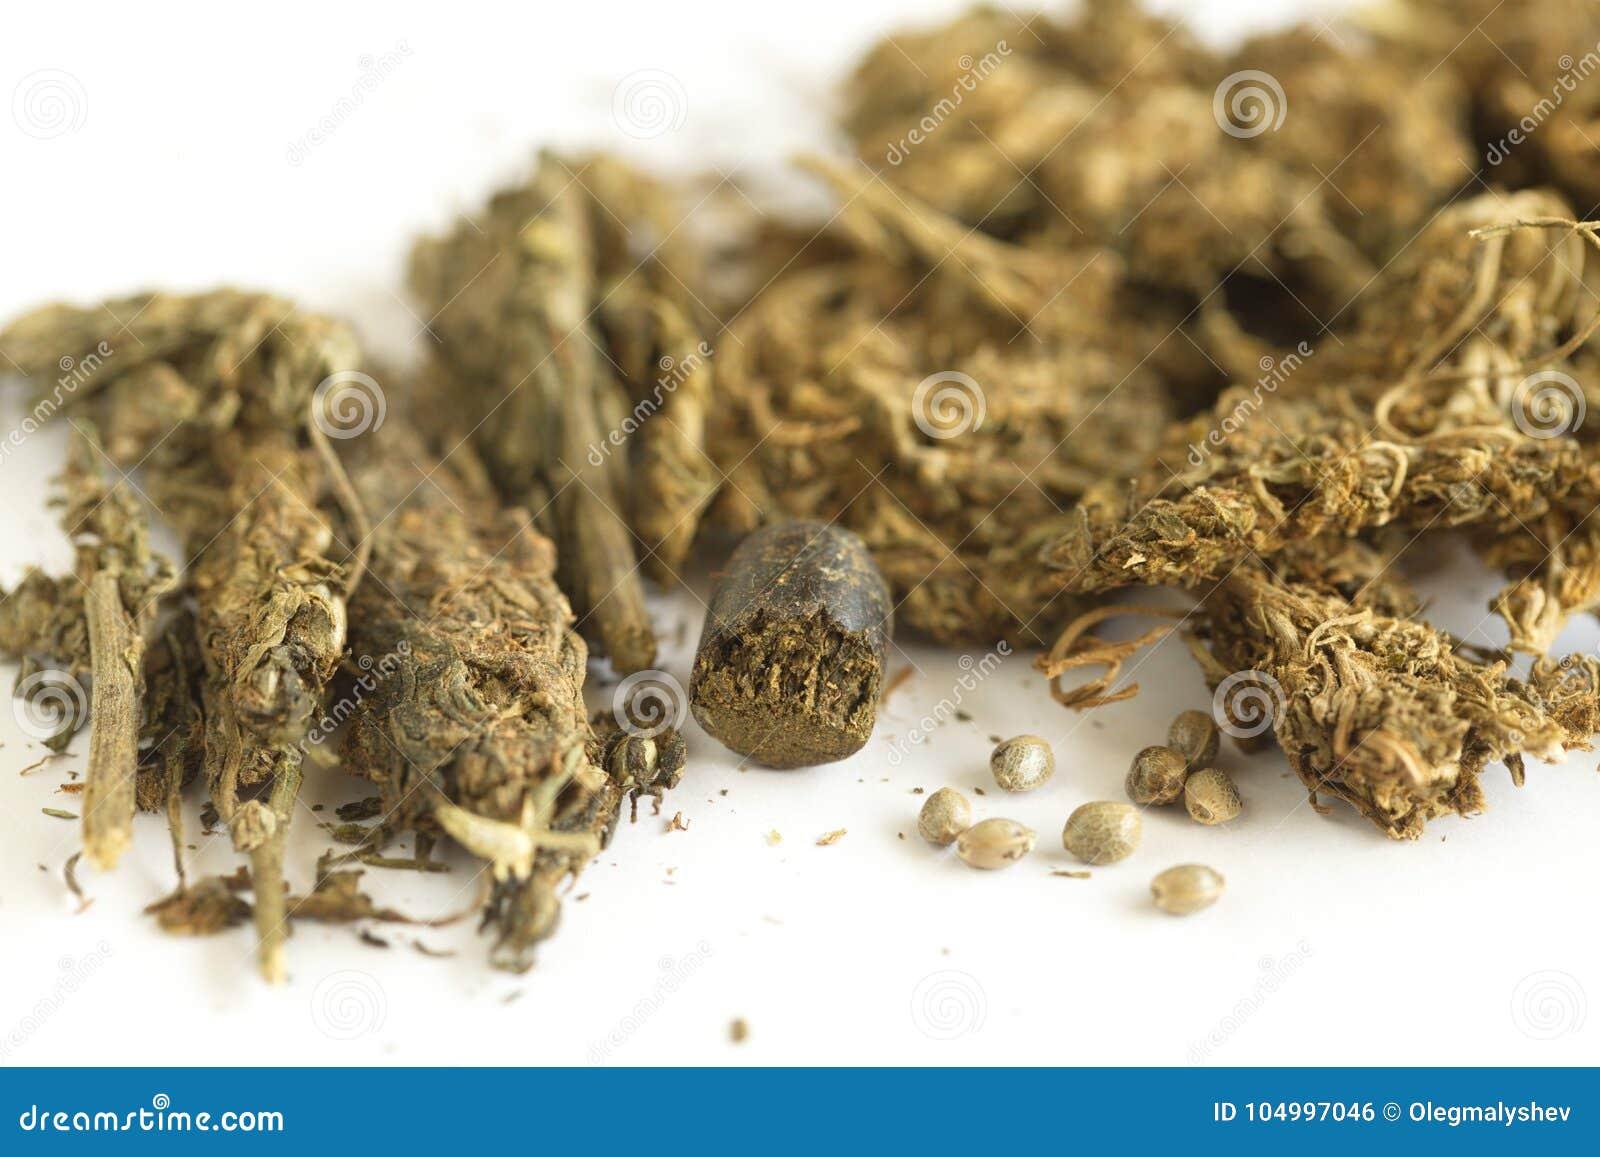 Семена конопли из индии сколько держится в крови употребление конопли